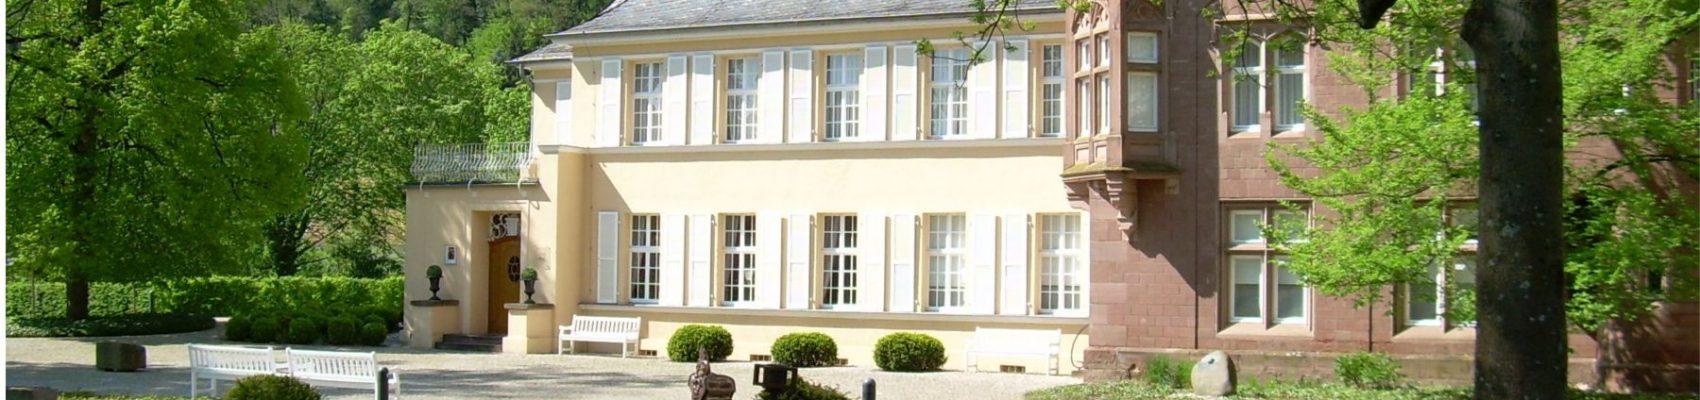 Sehenswürdigkeiten in Merzig: Museum Schloss Fellenberg – Schloss Fellenberg Museum